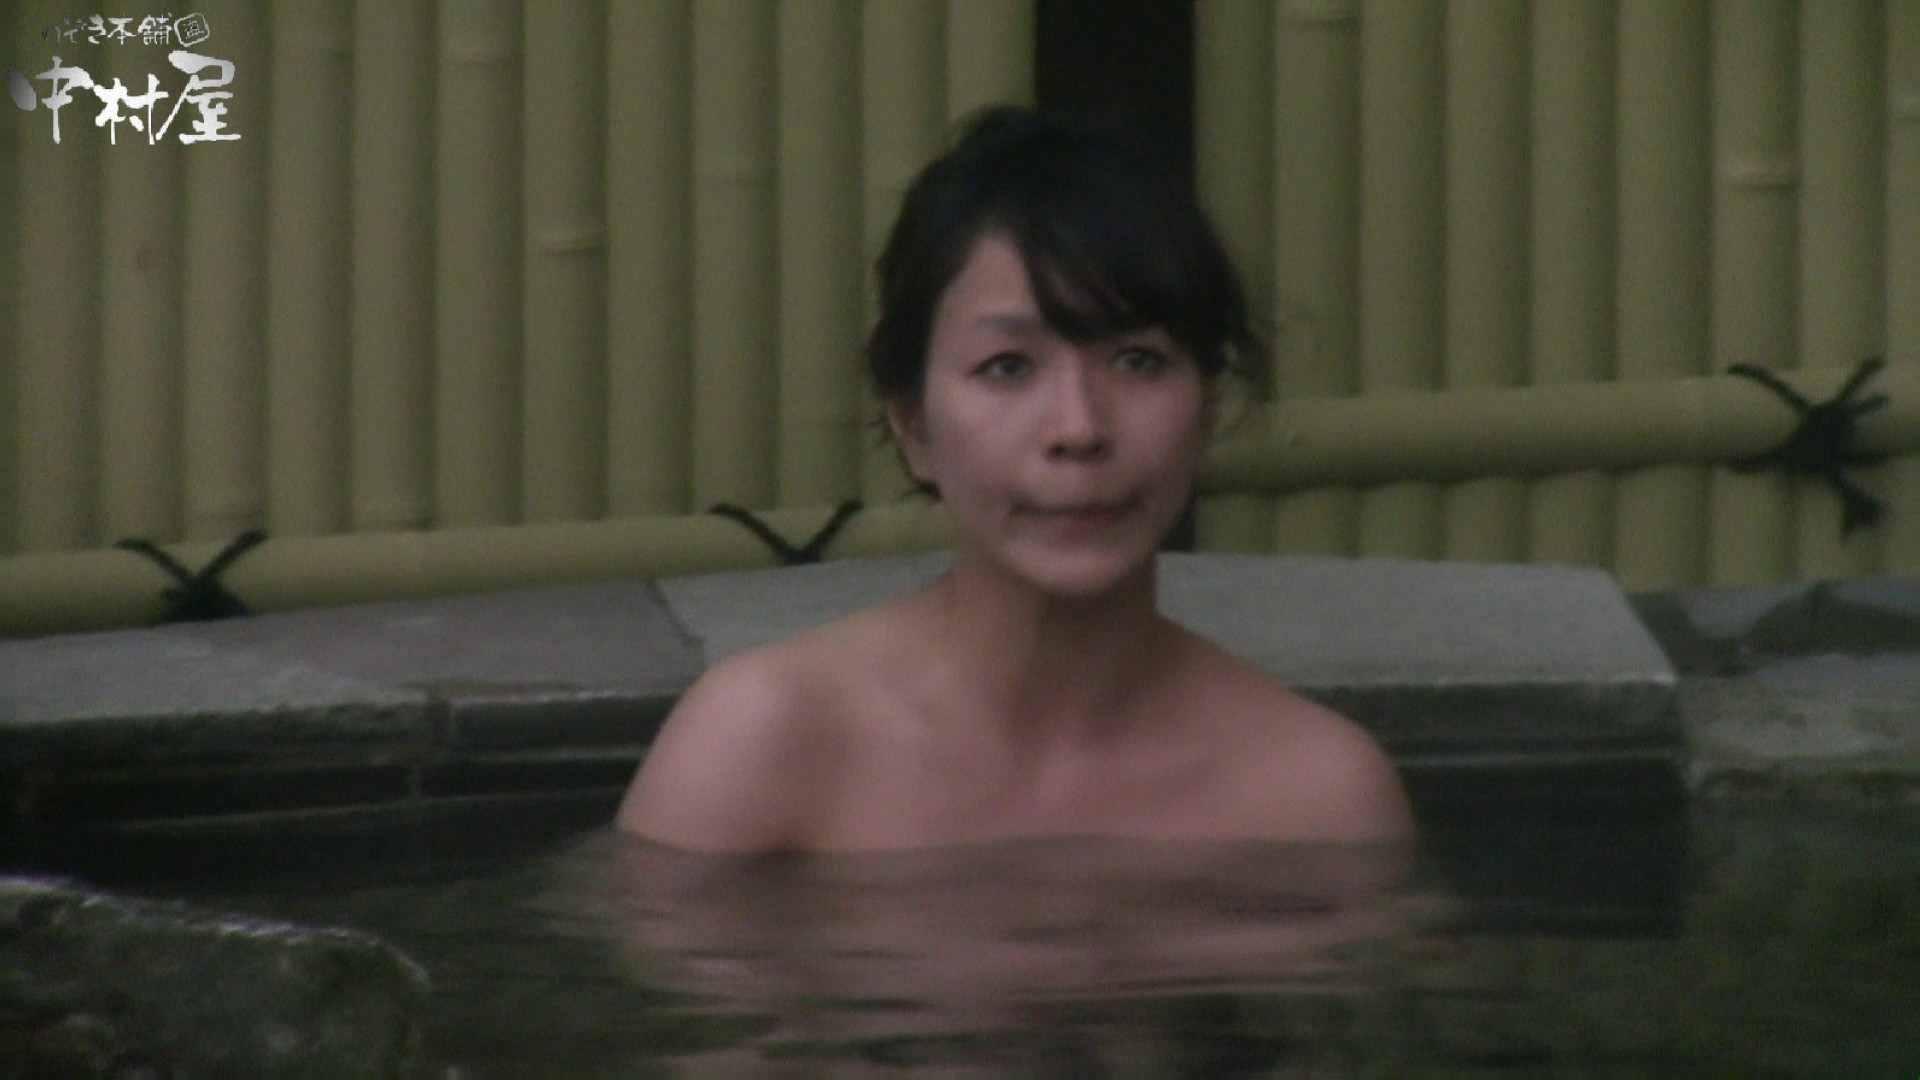 Aquaな露天風呂Vol.930 OL  66pic 15